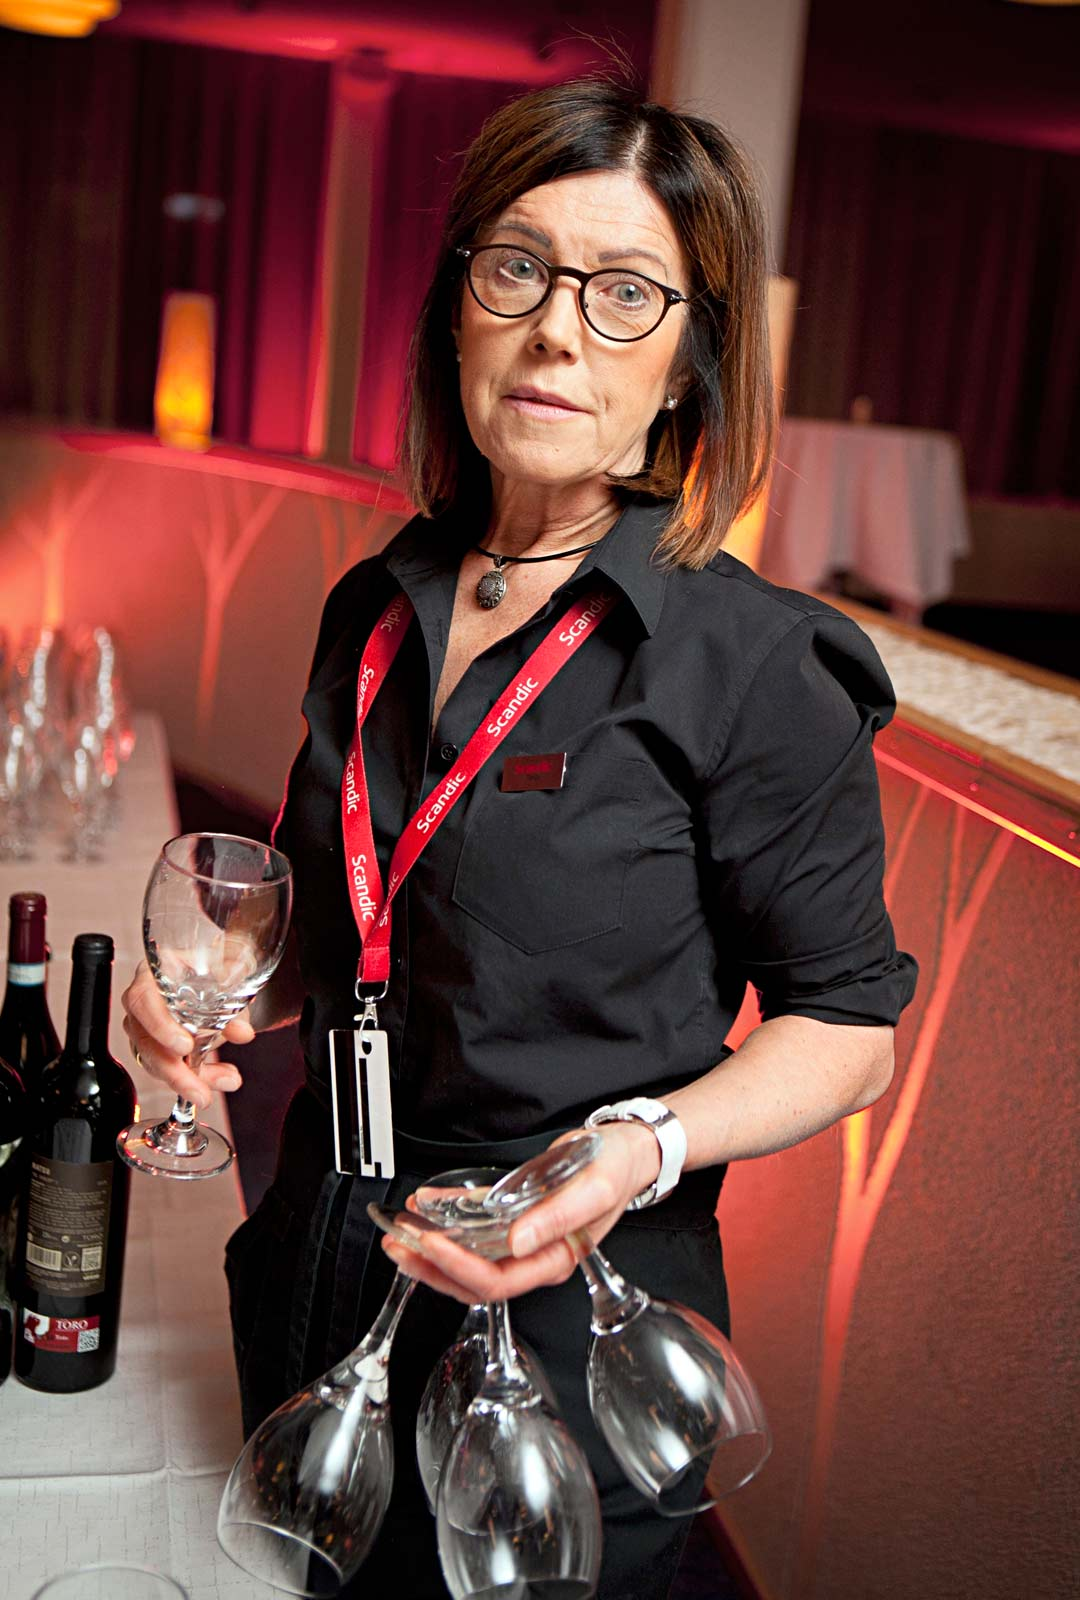 Tarjoilija Tanja Helin tuli taloon tasan 30 vuotta sitten. Jos ovat asiakkaiden juomatavat siistiytyneet, samaa ei voi sanoa pöytätavoista.